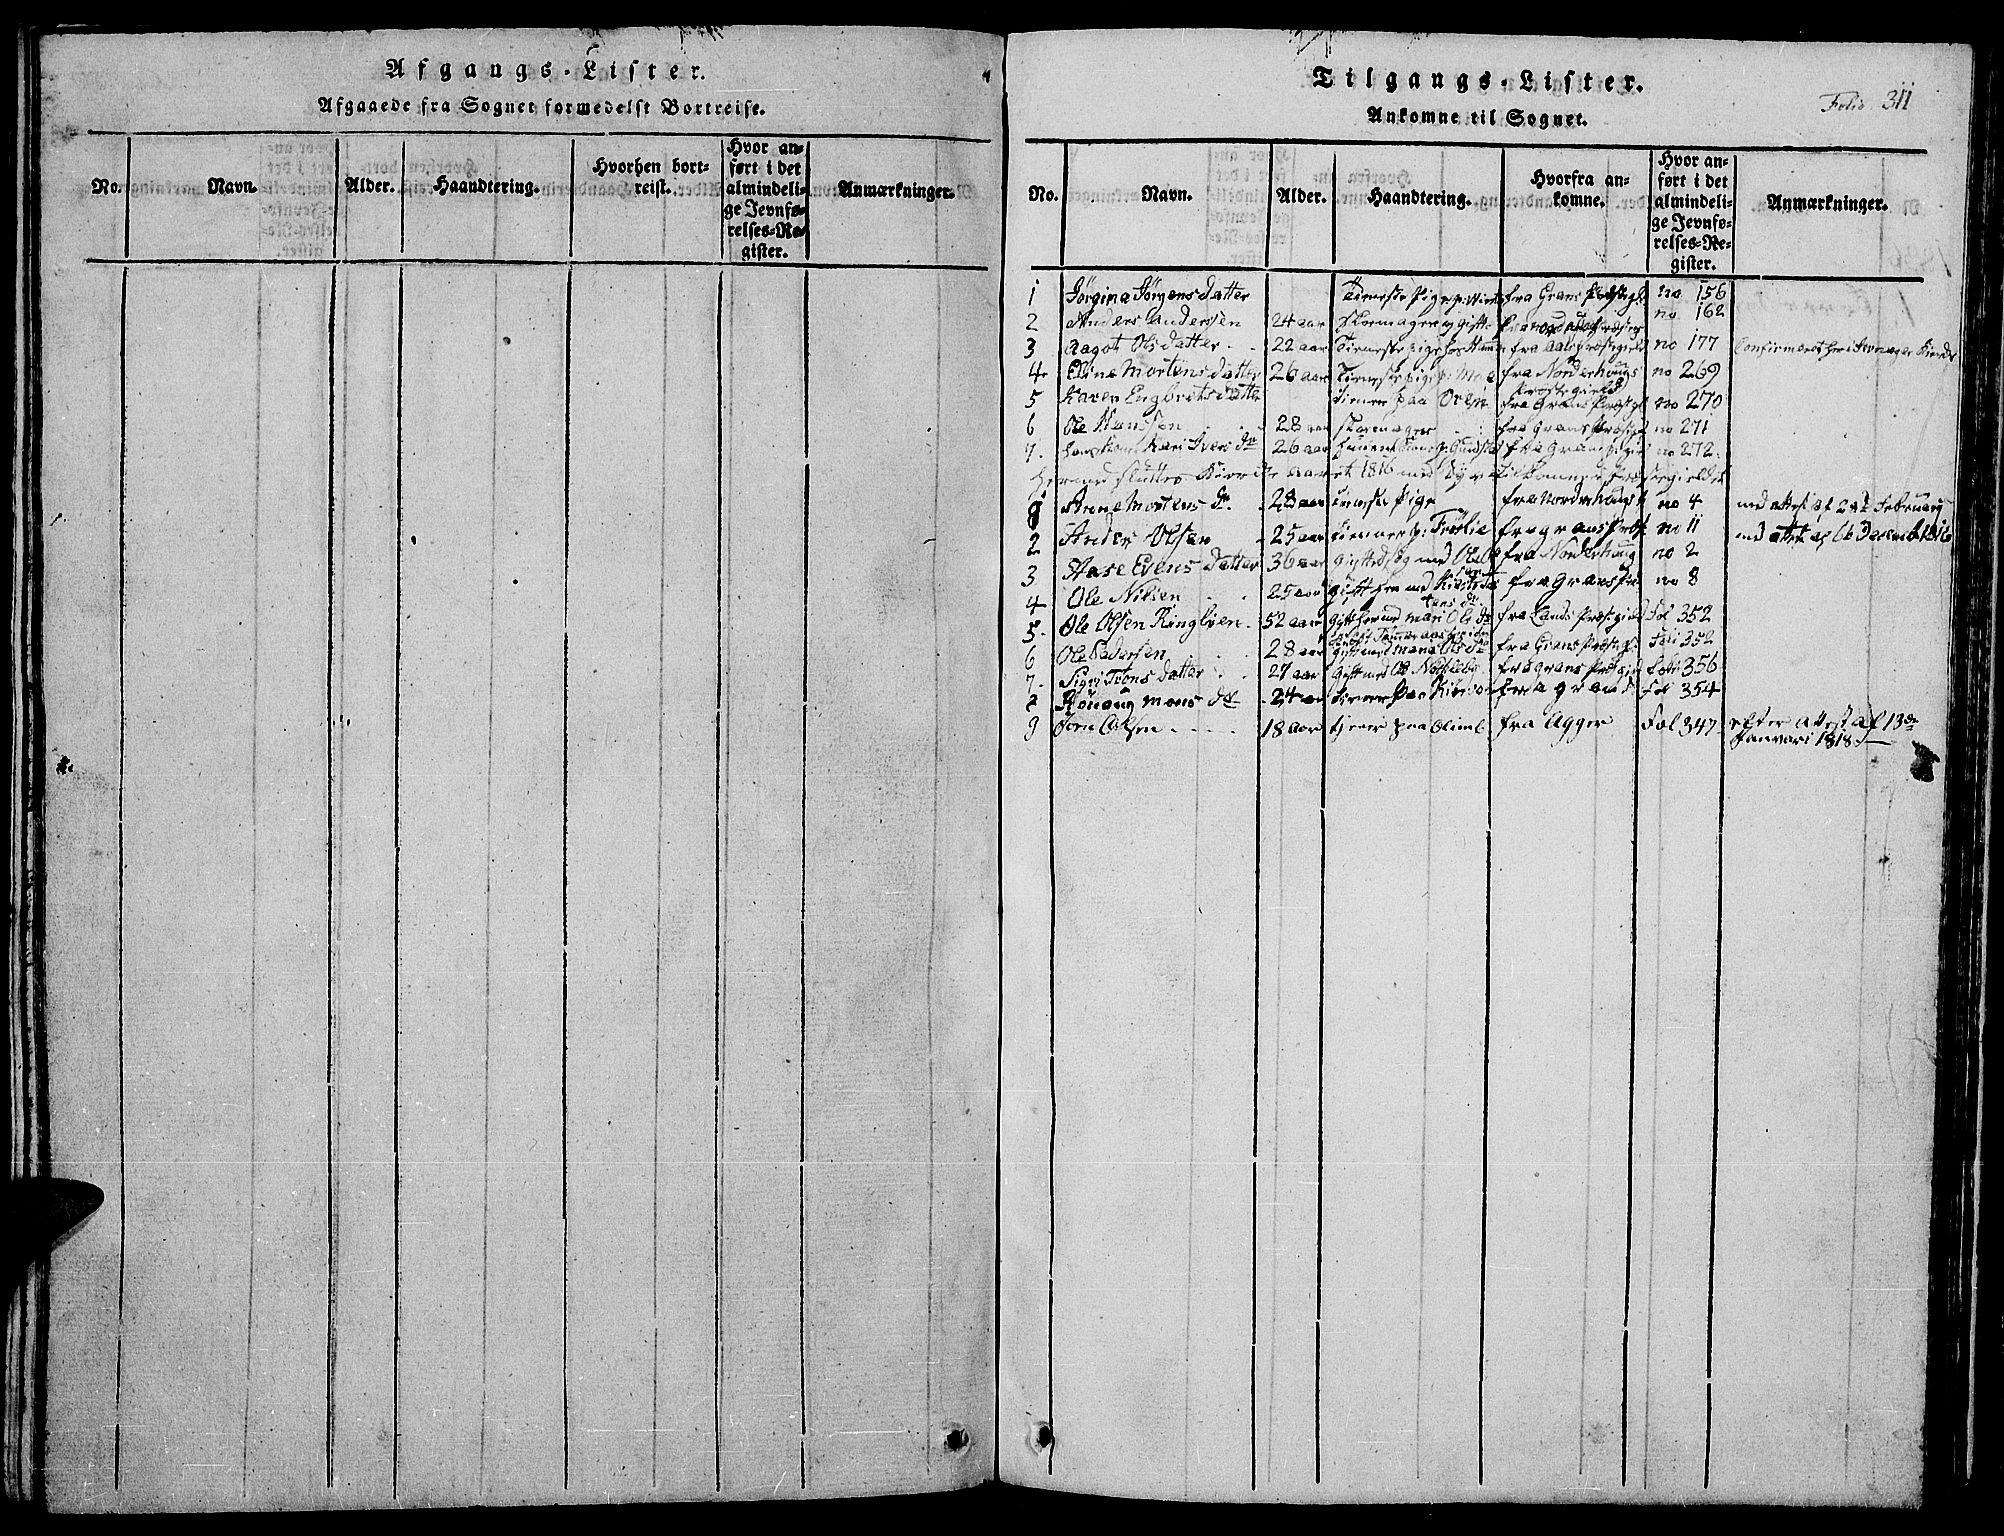 SAH, Jevnaker prestekontor, Klokkerbok nr. 1, 1815-1837, s. 311